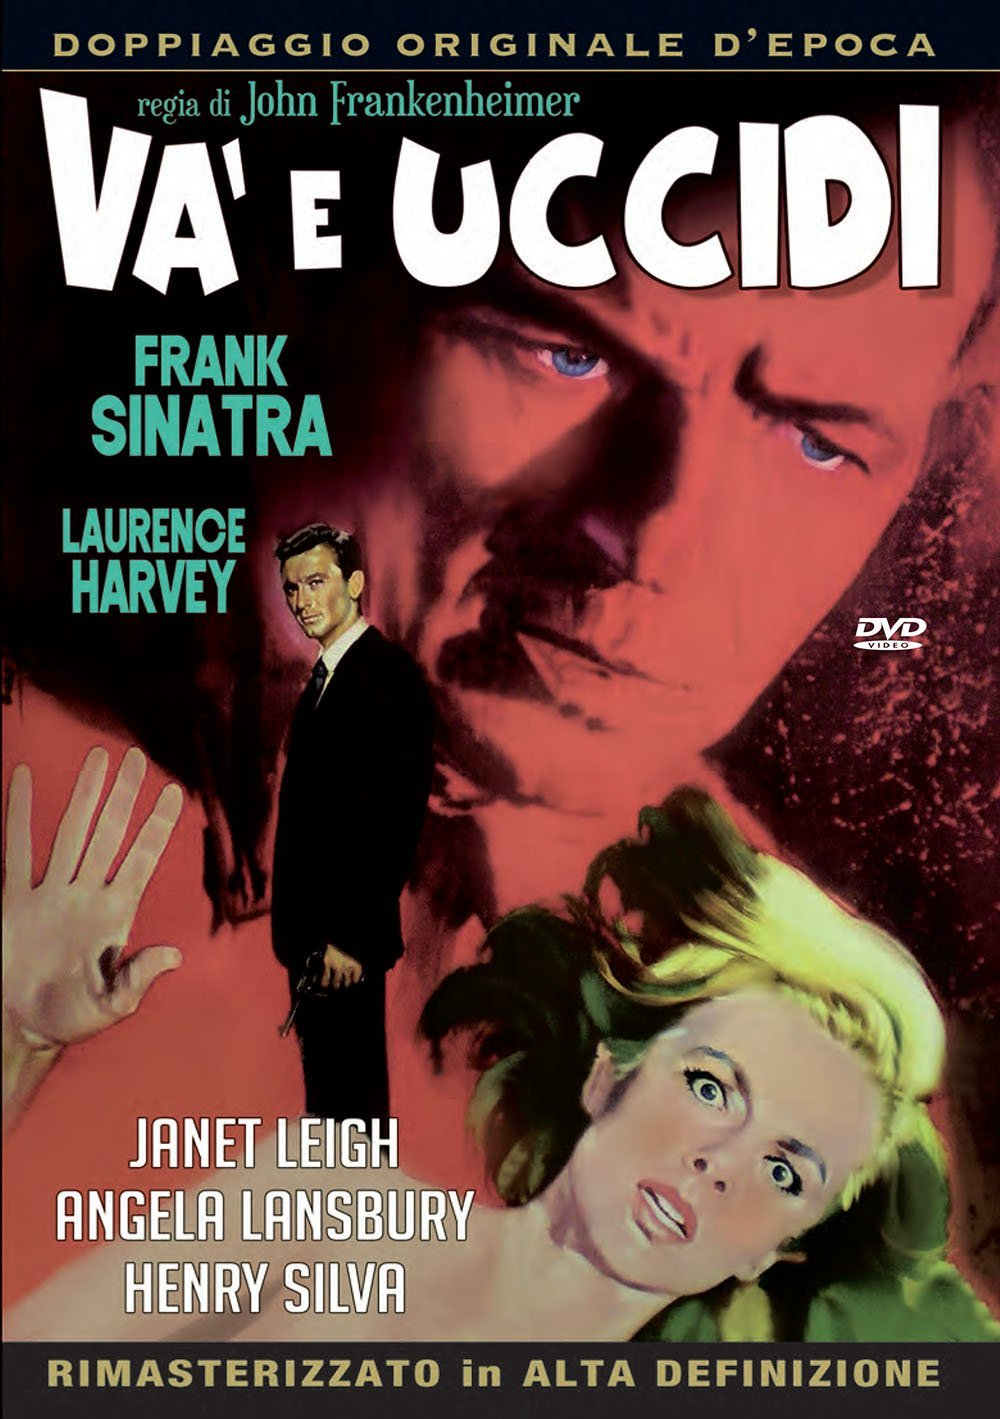 VA' E UCCIDI (DVD)